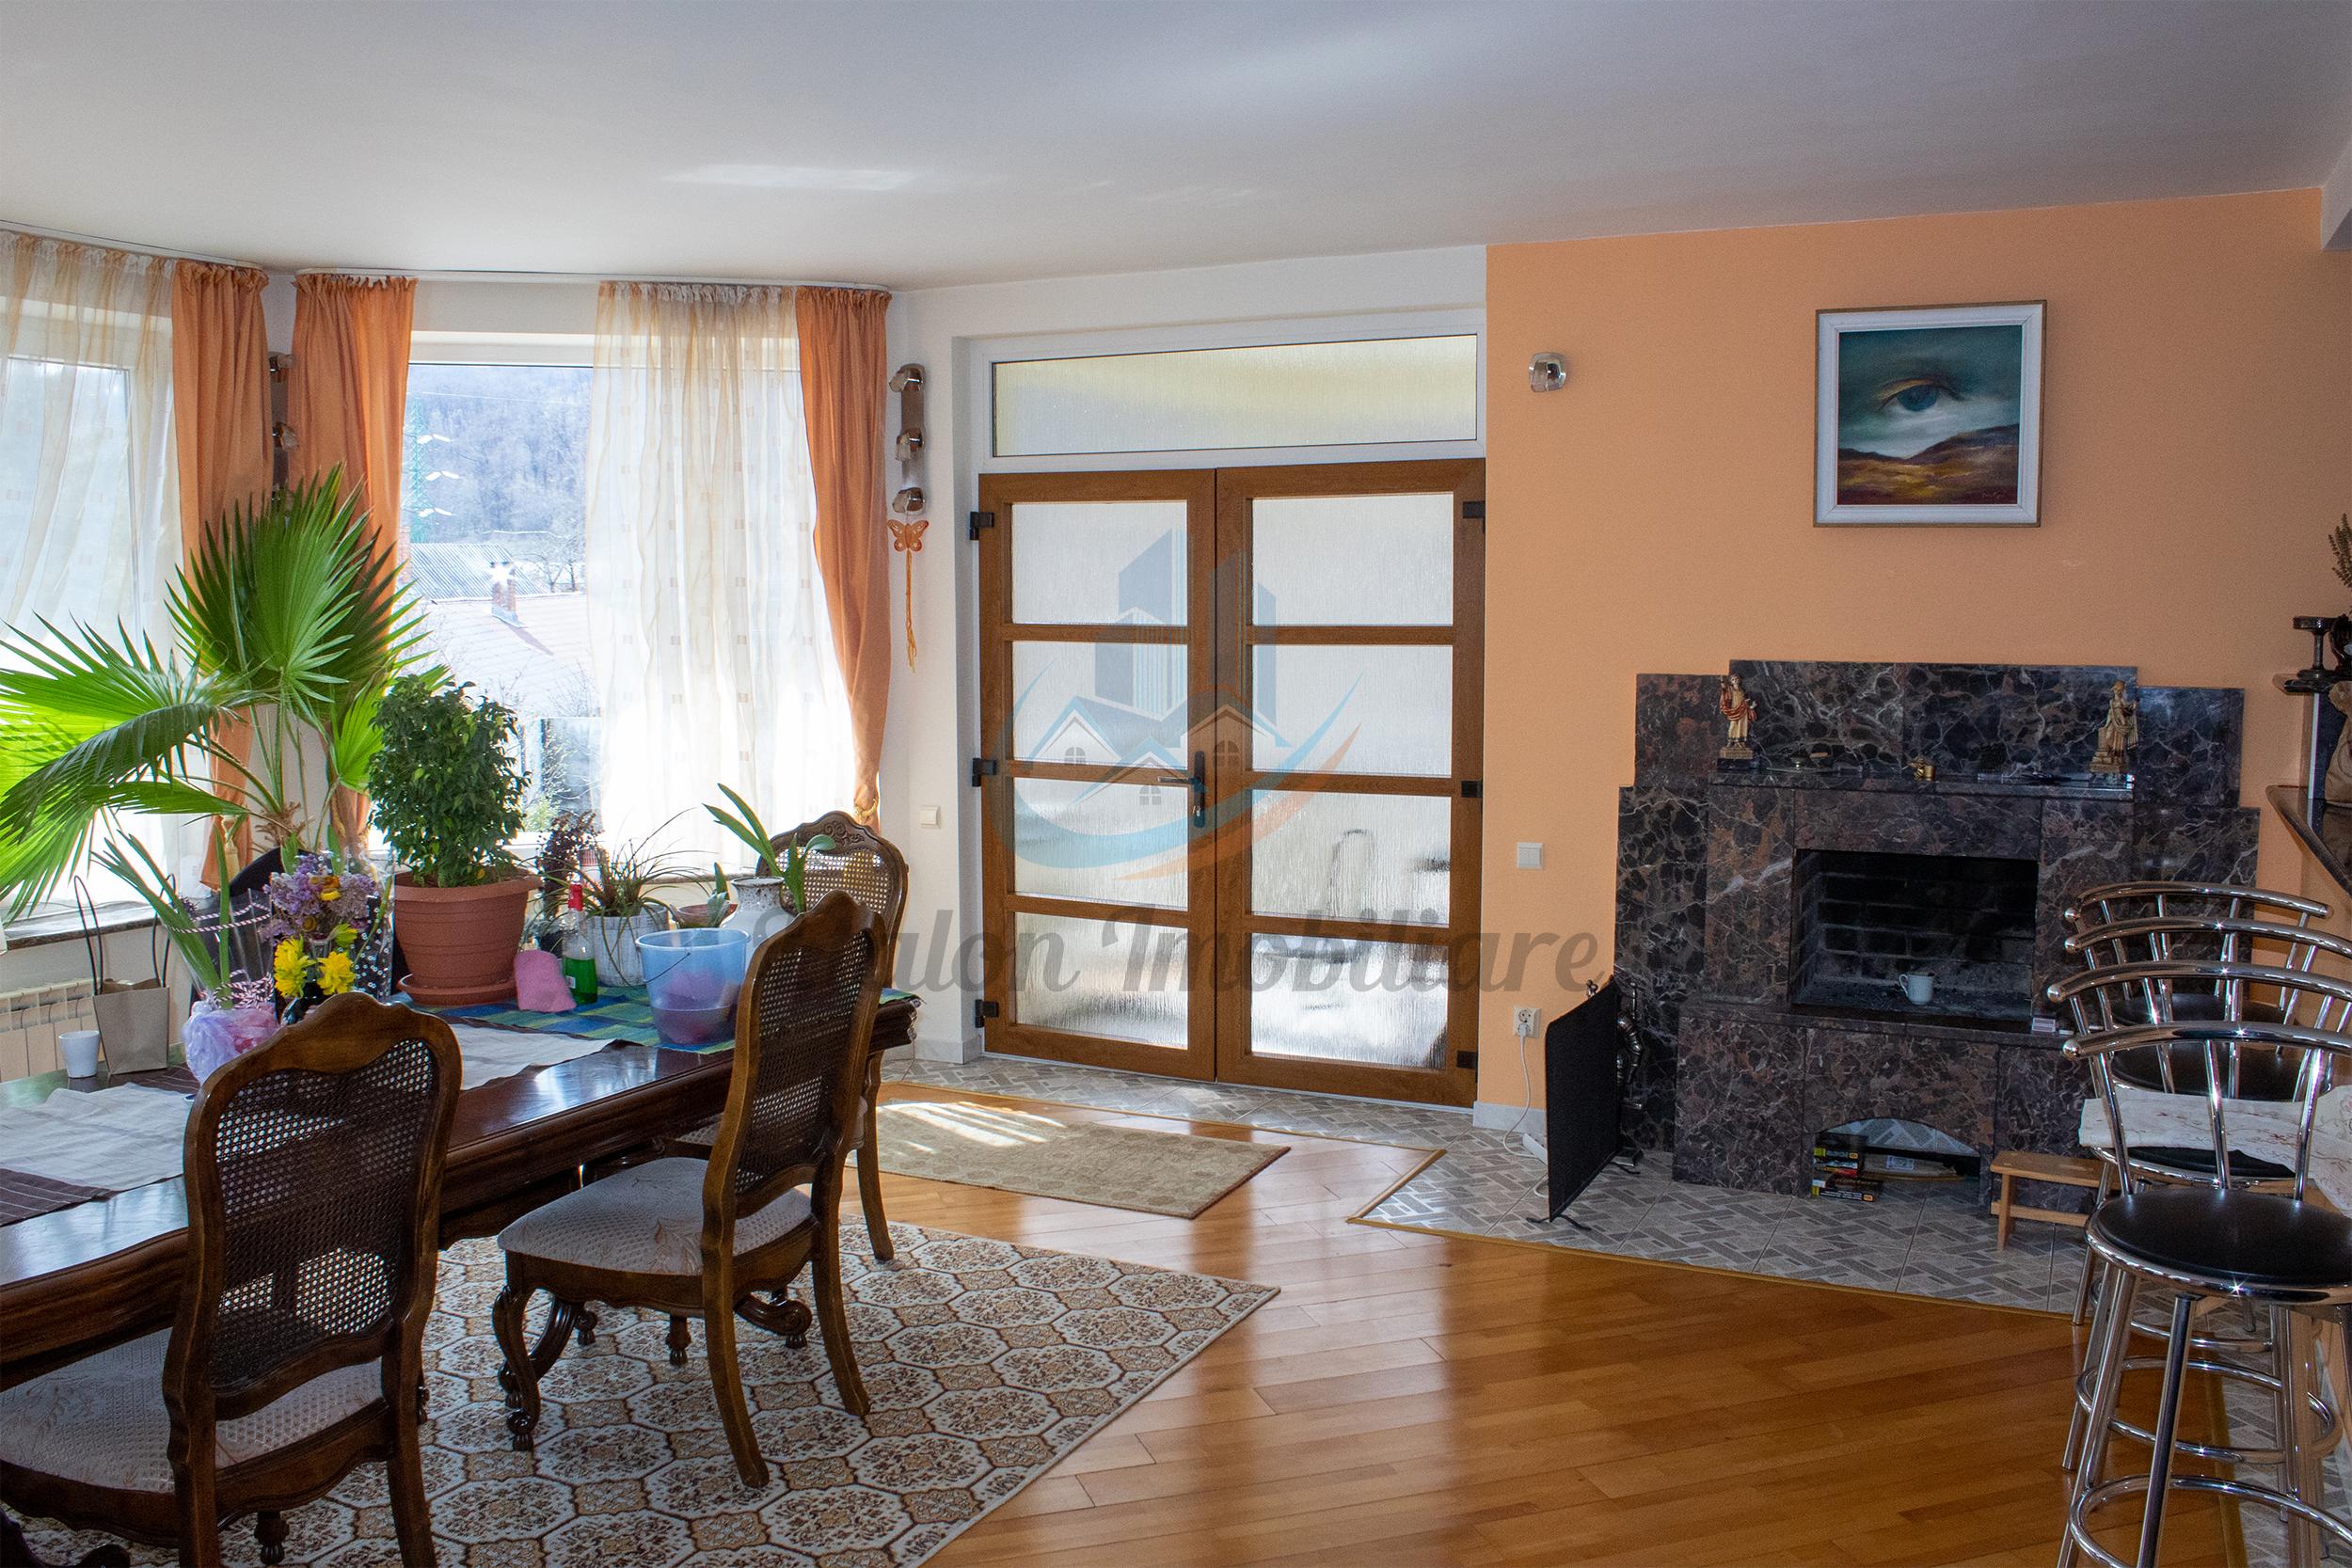 Vila de vanzare, Lux, 375 m², Piatra Neamt